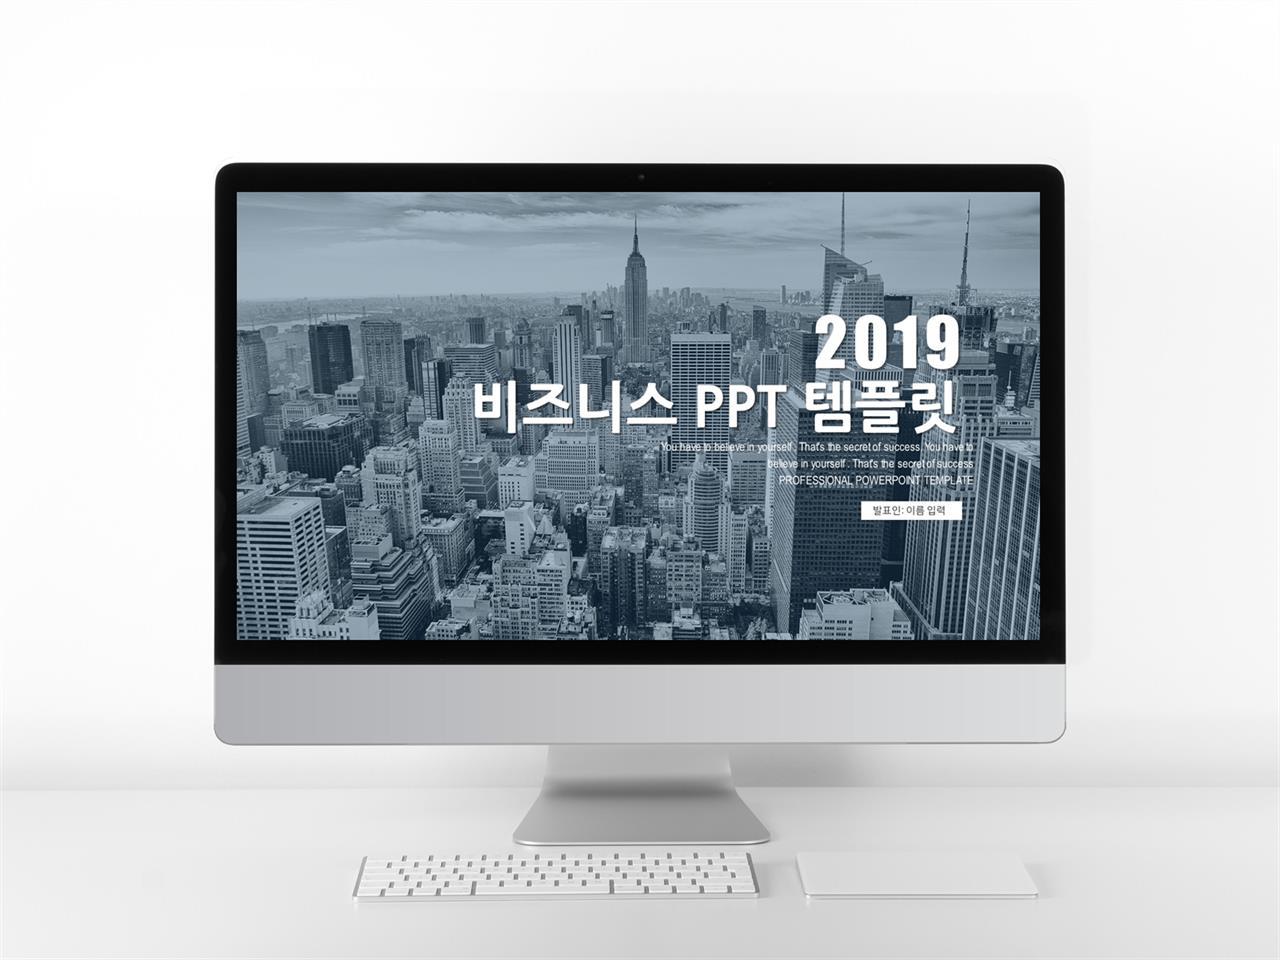 사업융자 블루 스타일 나는 매력적인 PPT탬플릿 제작 미리보기